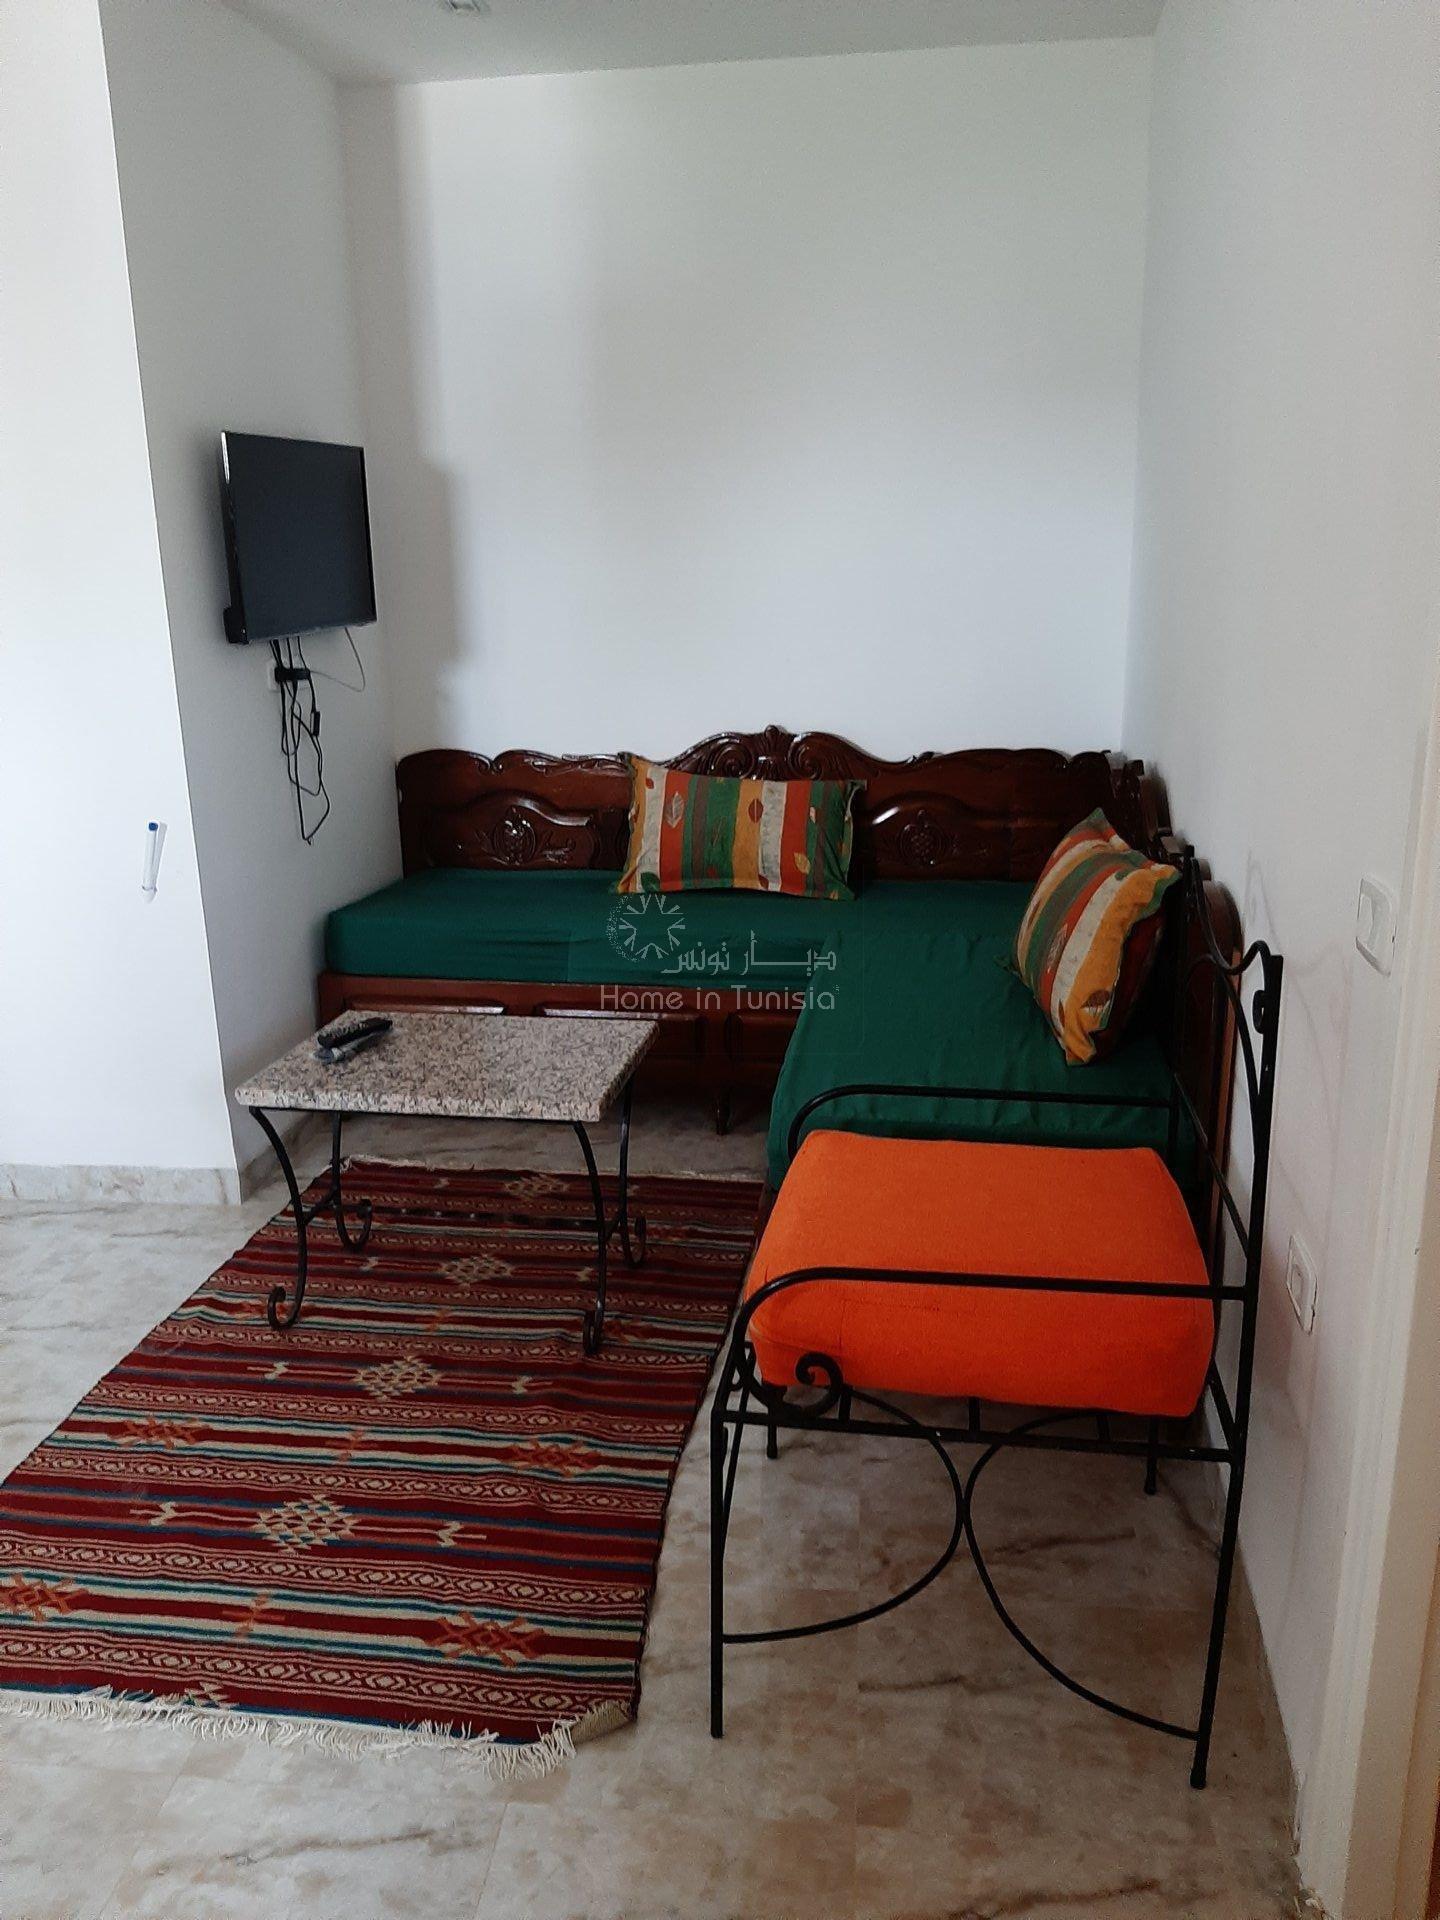 Location Appartement - Hammamet Centre - Tunisie